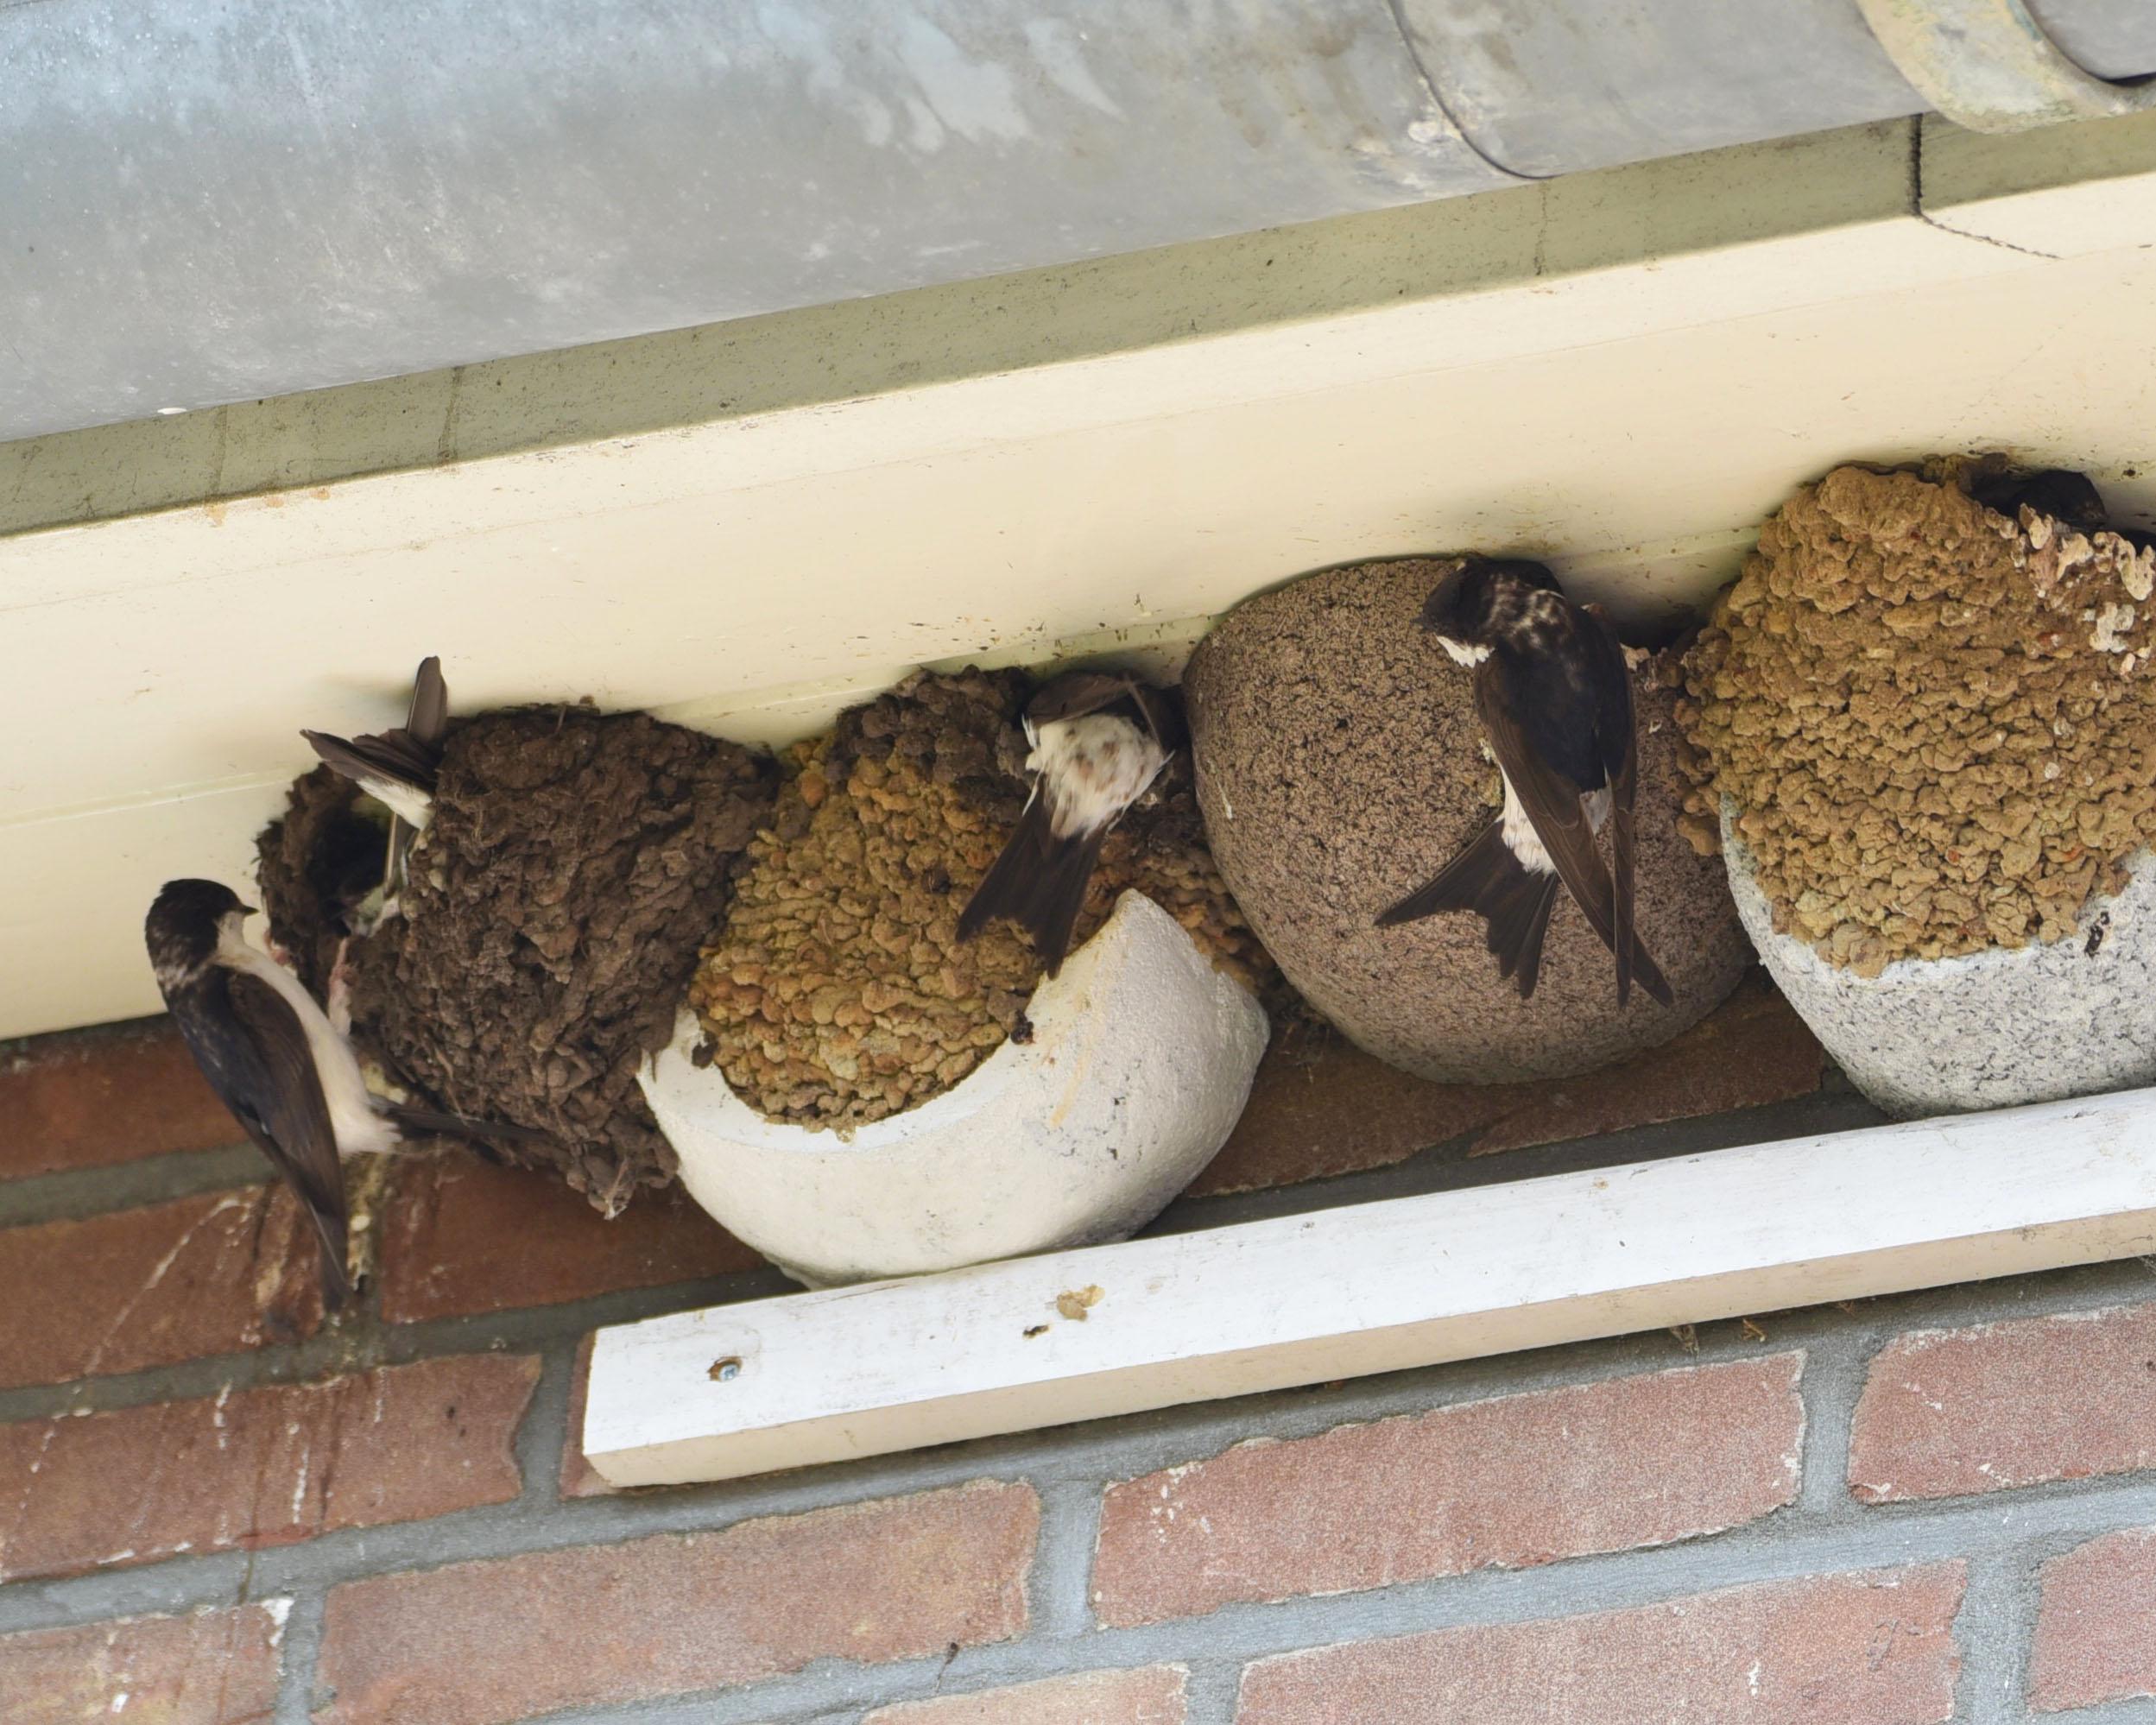 Huiszwaluwen die nestmateriaal lenen